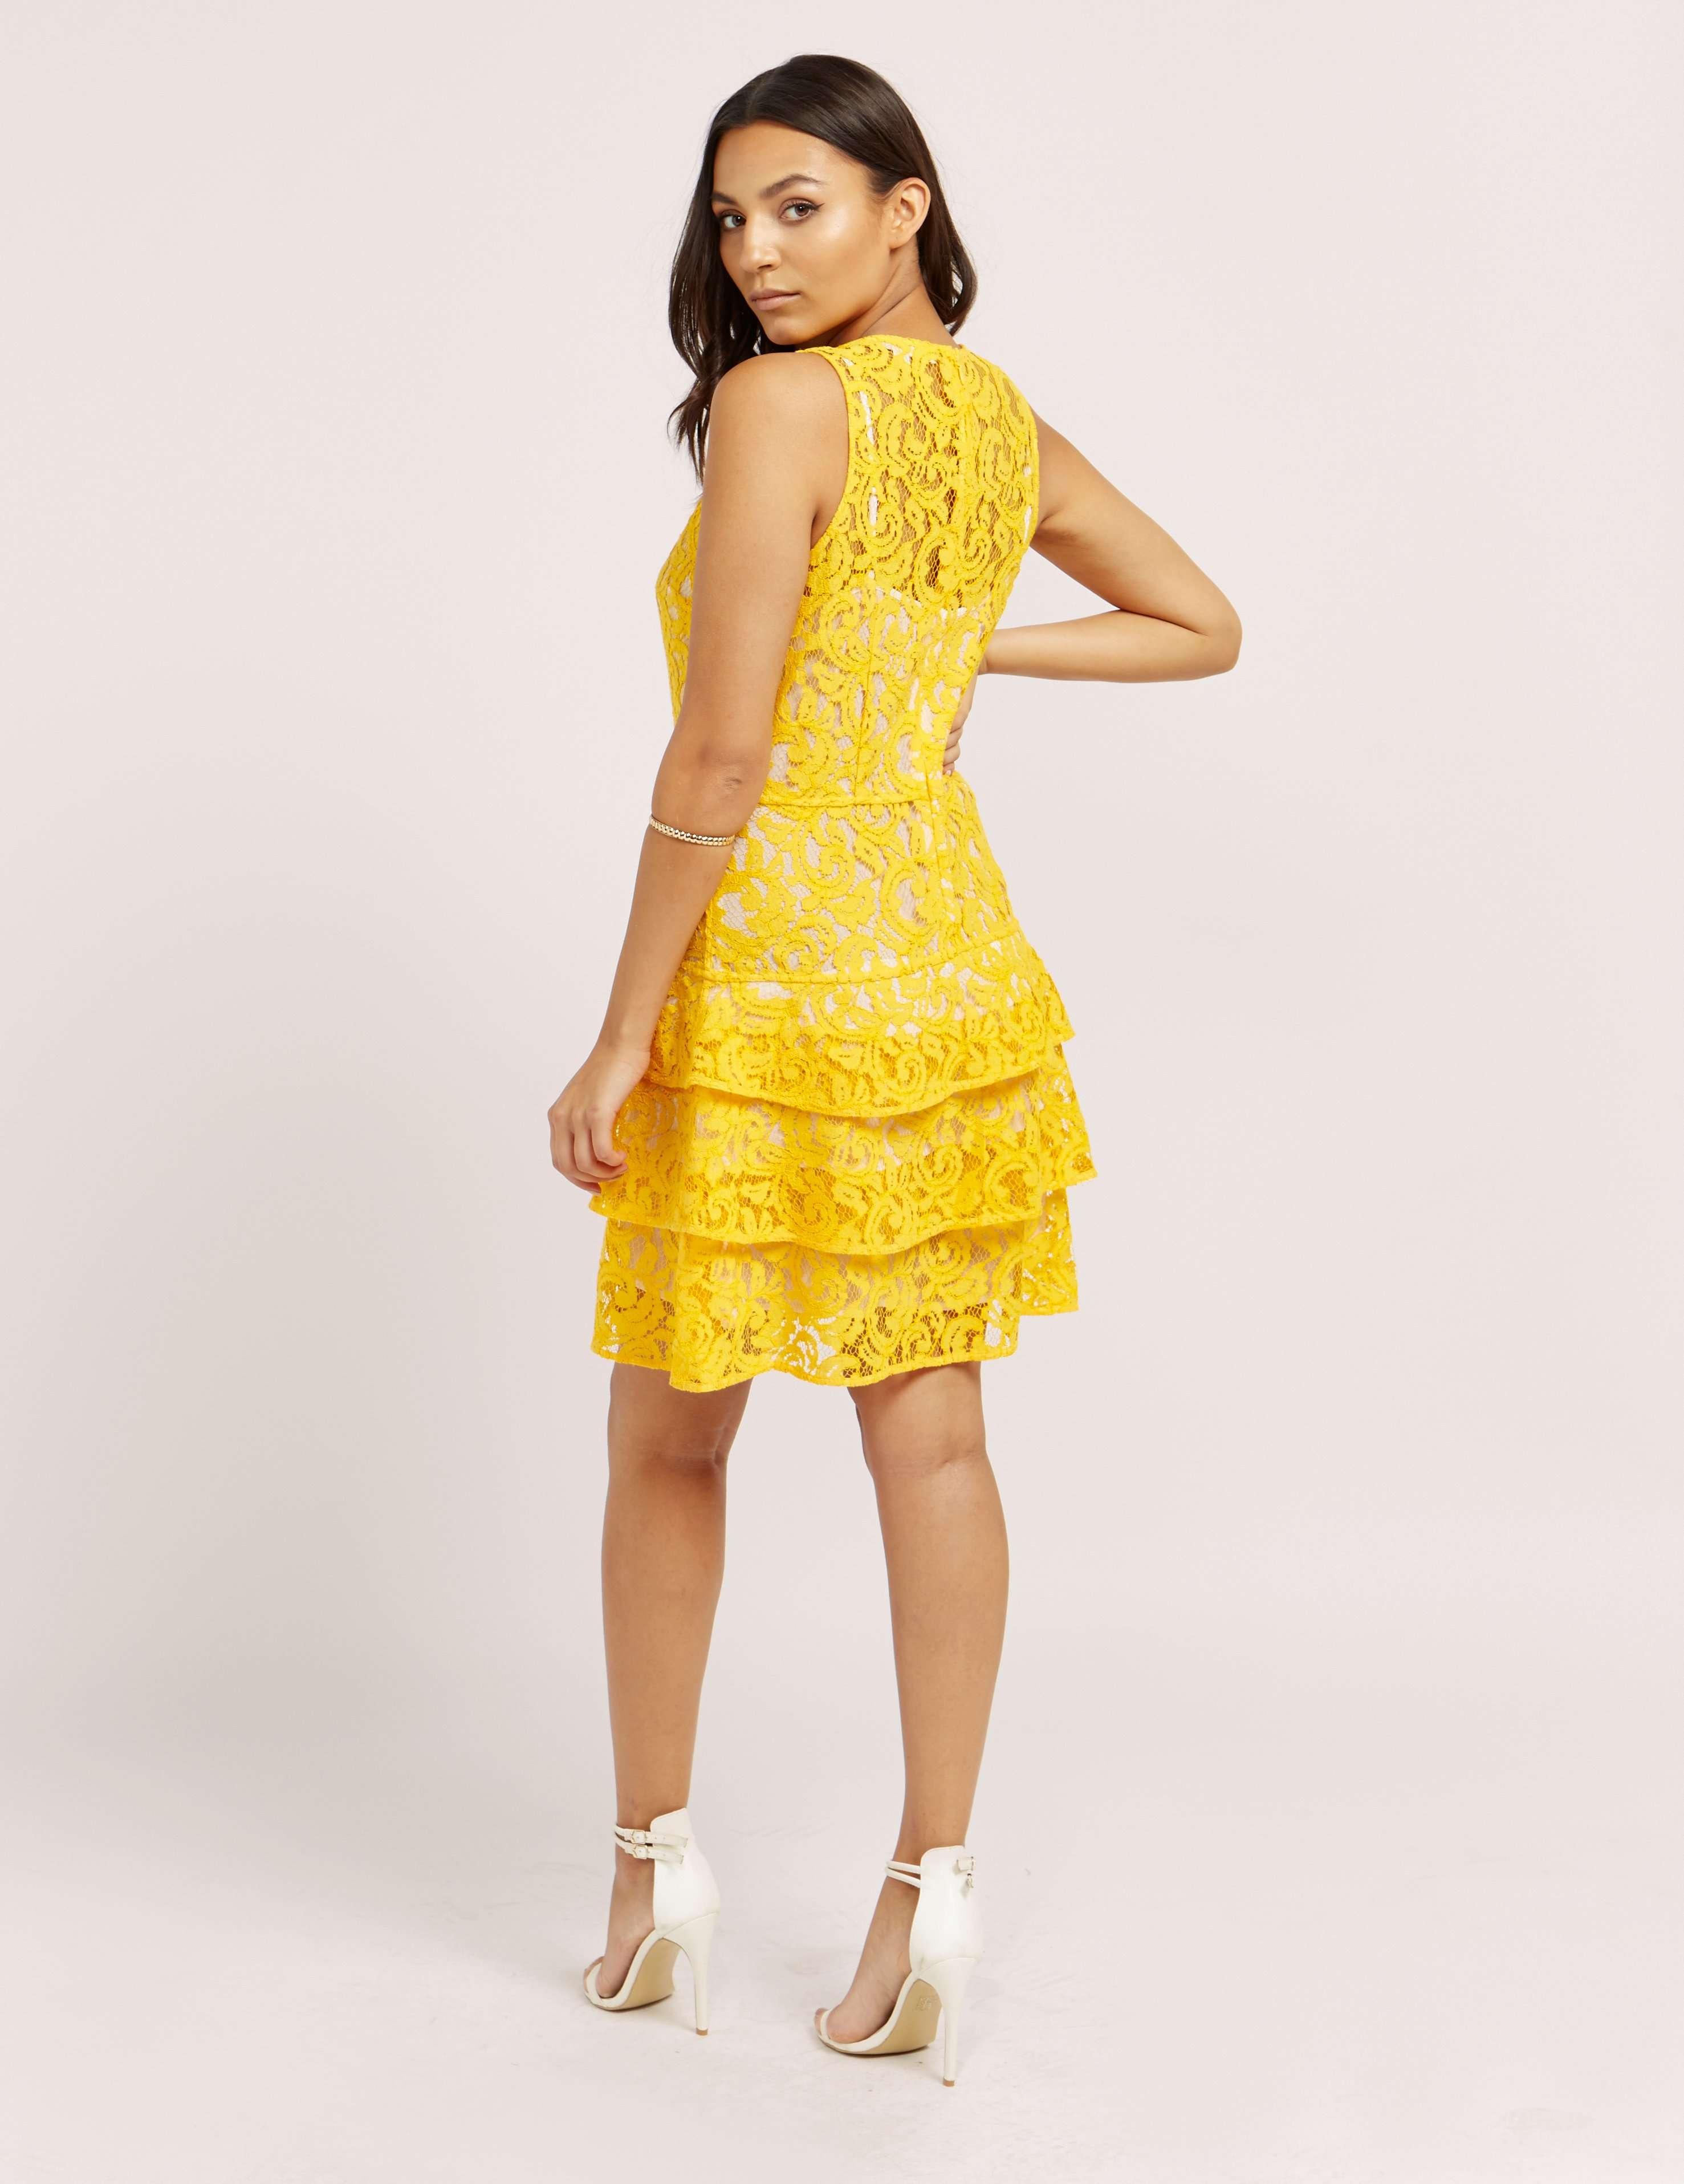 Michael Kors Lace Tier Dress